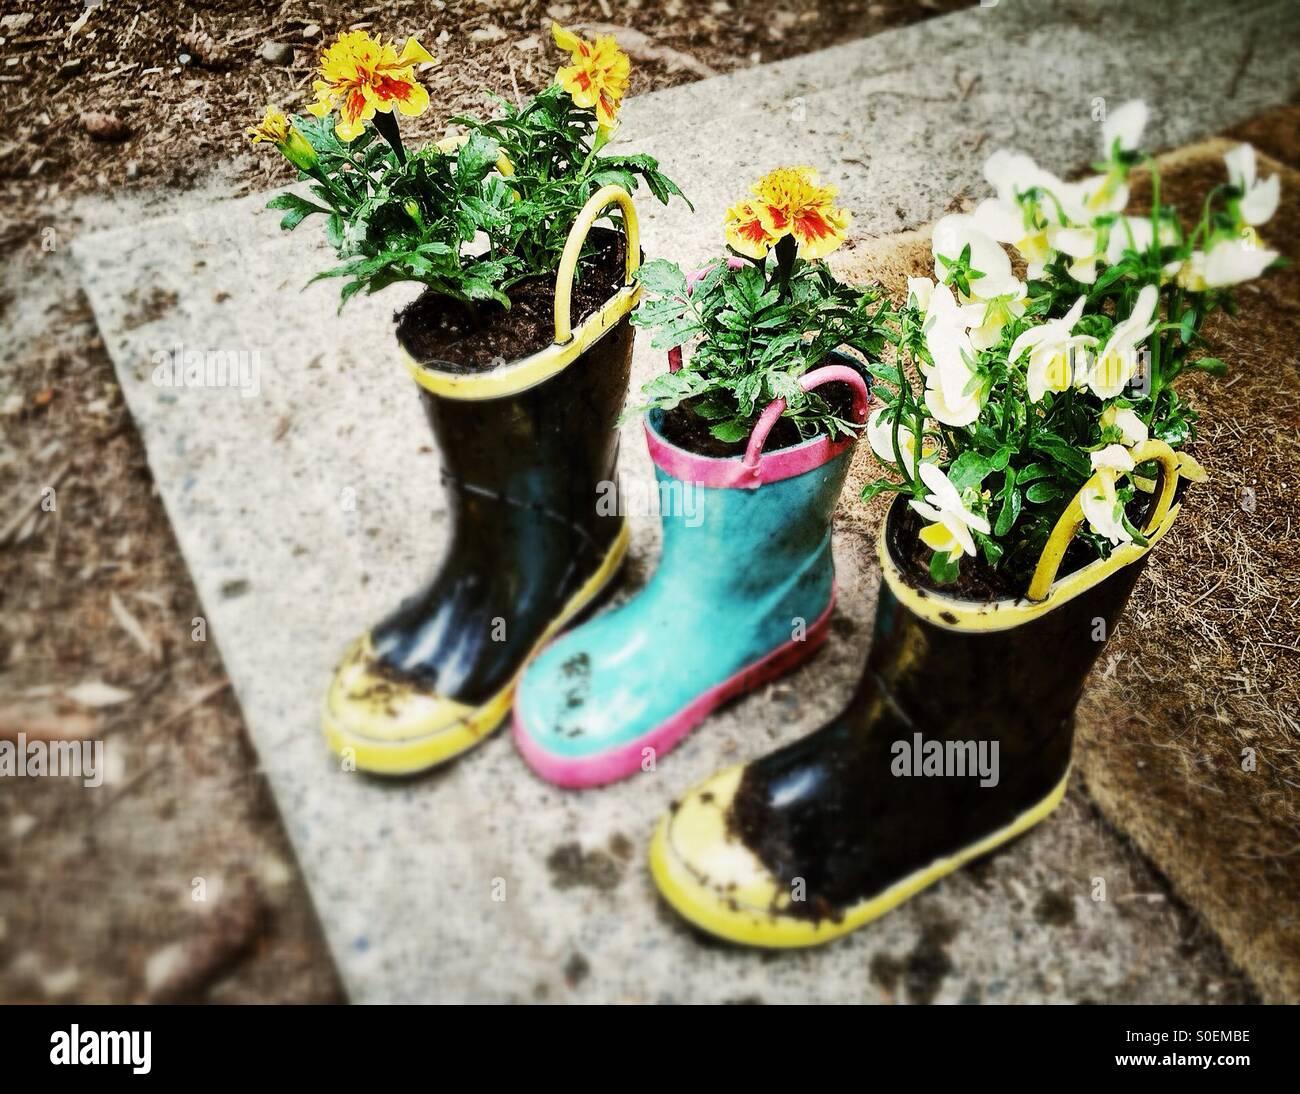 Fiori piantati negli scarponi per ragazzi Immagini Stock